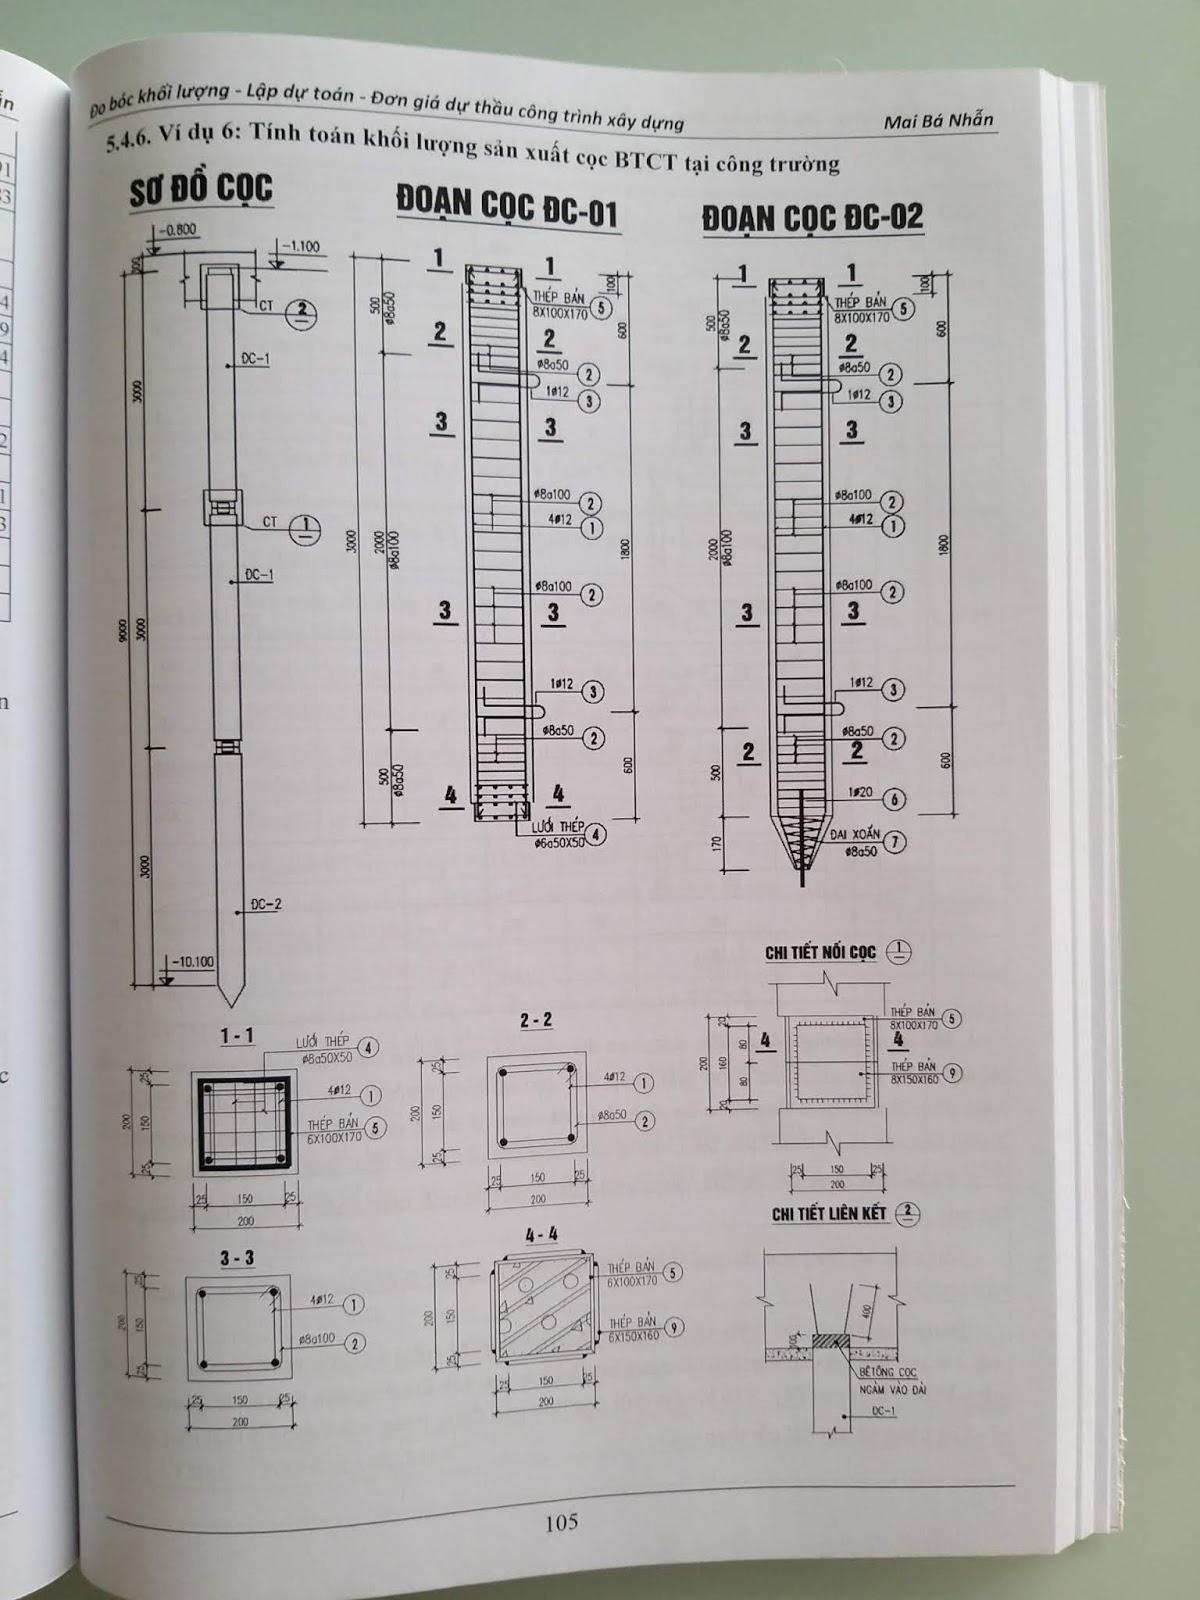 Sách đo bóc khối lượng dự toán (Cơ bản và chuyên sâu)